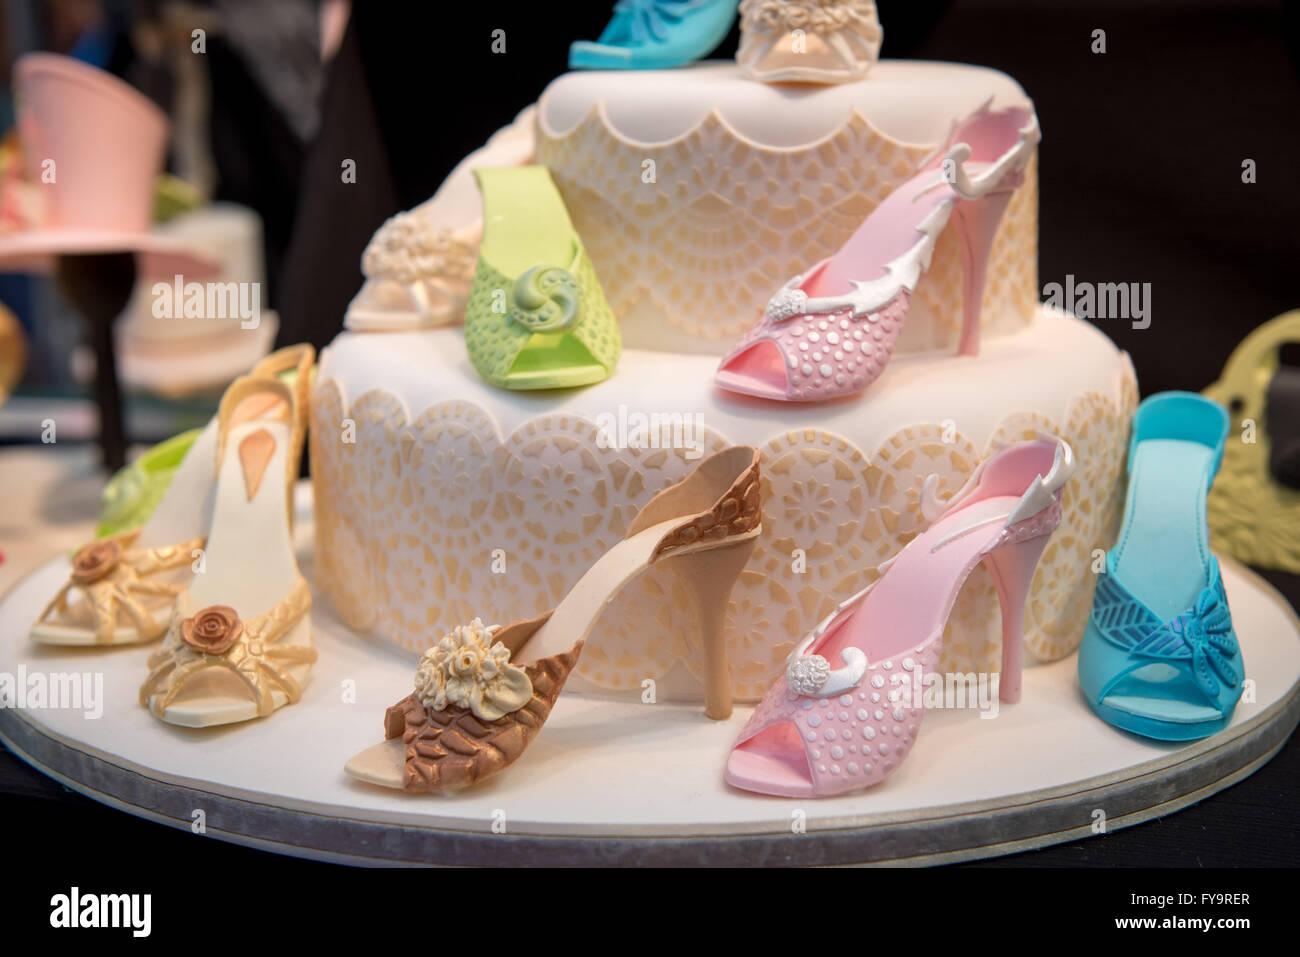 Tacchi Compleanno Di Decor Alti Commestibili Scarpe Torta Prodotti 5qwUYZ1